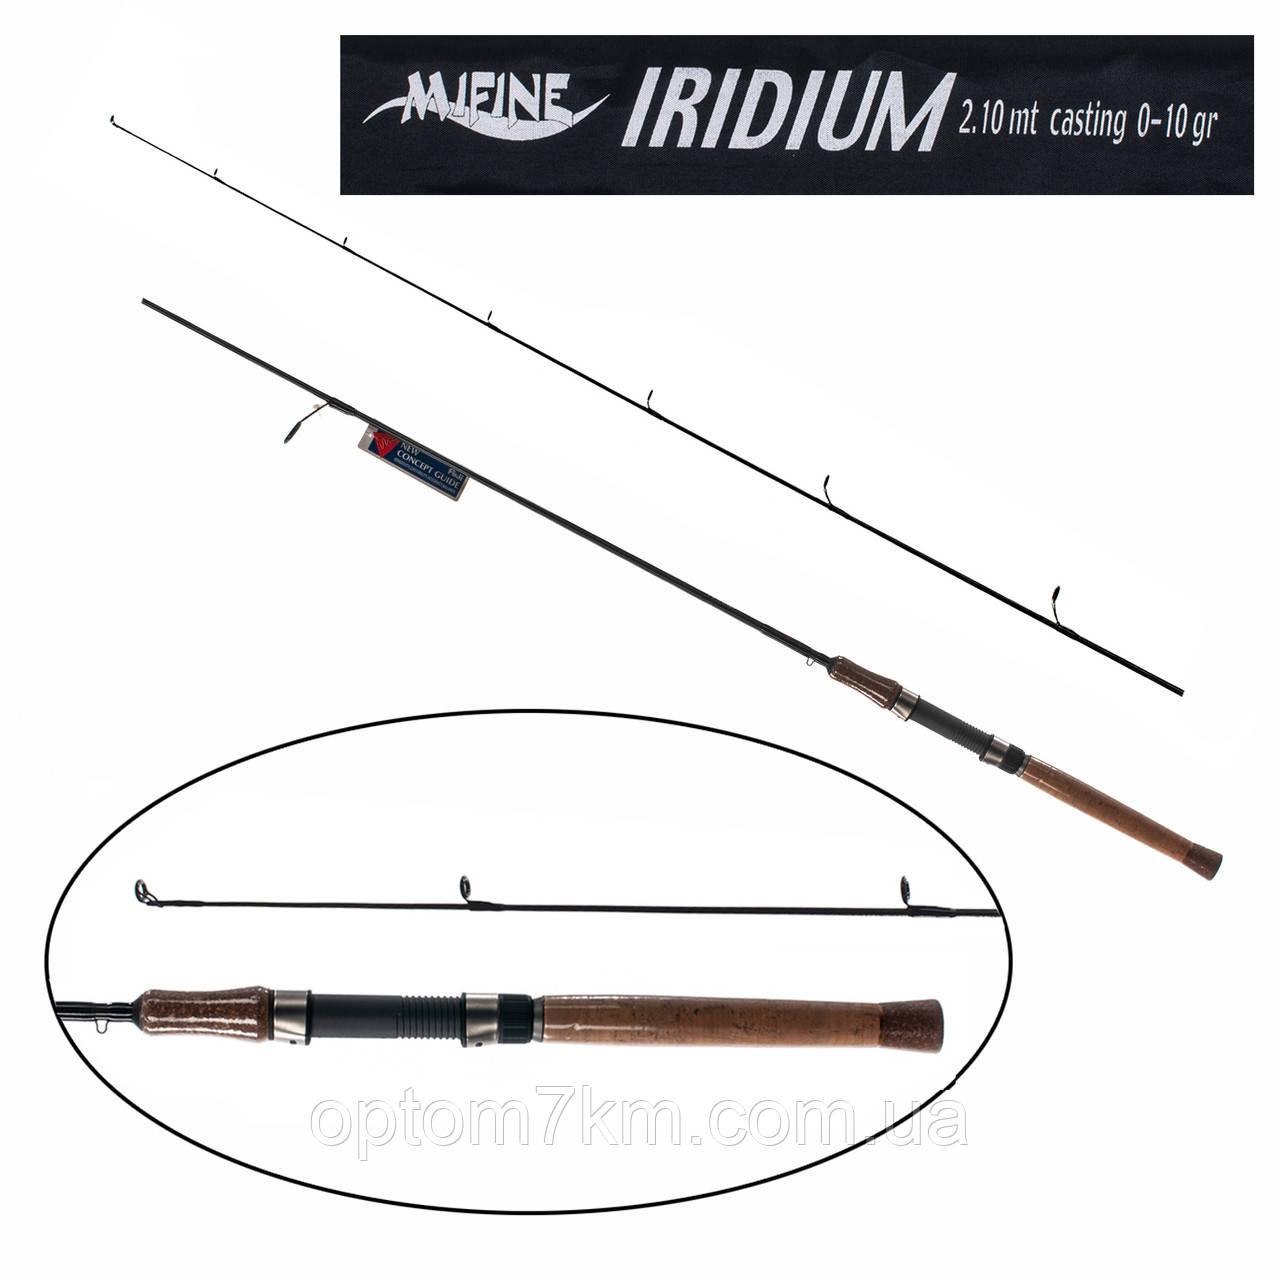 Спиннинг Mifine Iridium 2,1m, тест 0-10g